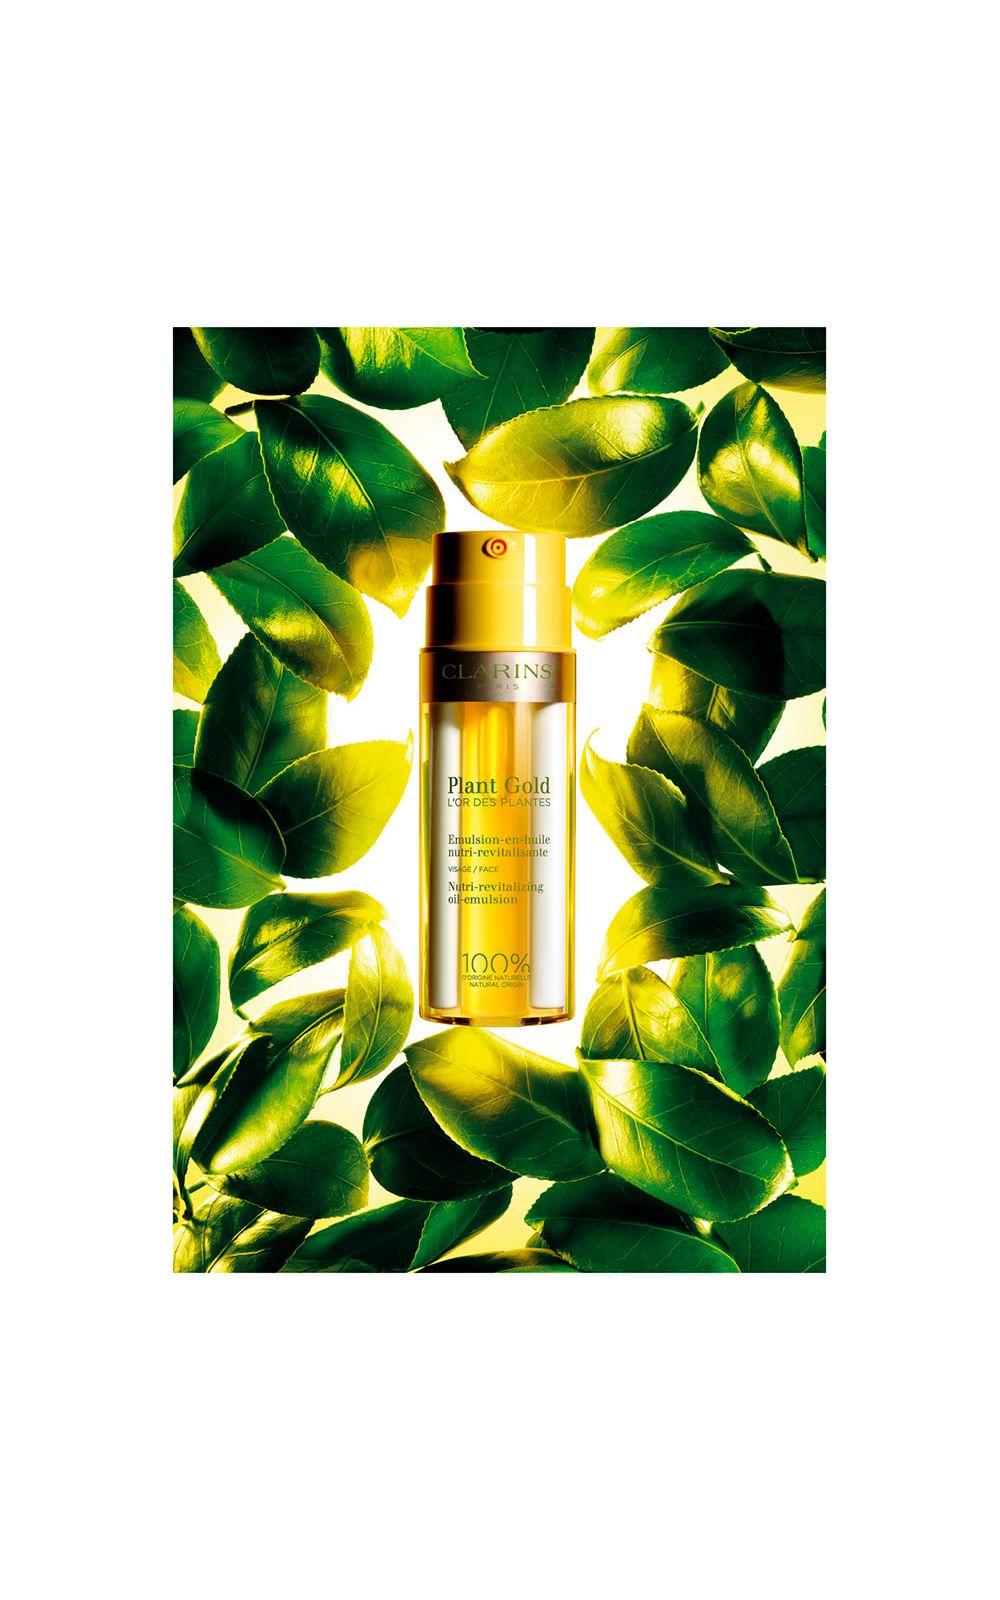 Foto 6 - Emulsão Facial Clarins Plant Gold - 38ml